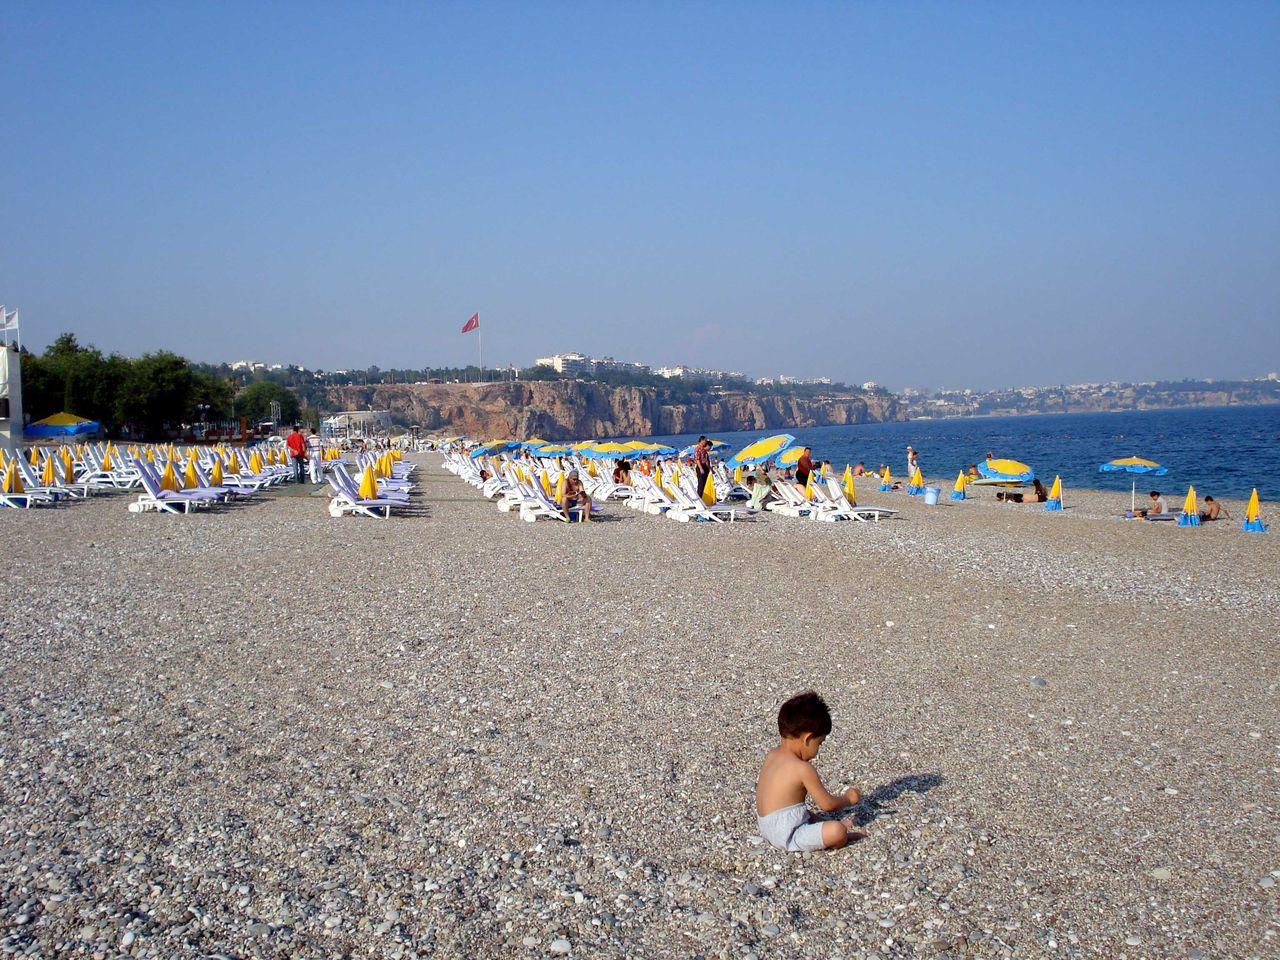 Pogoda V Turcii Po Mesyacam Maj Iyun Iyul Avgust Sentyabr